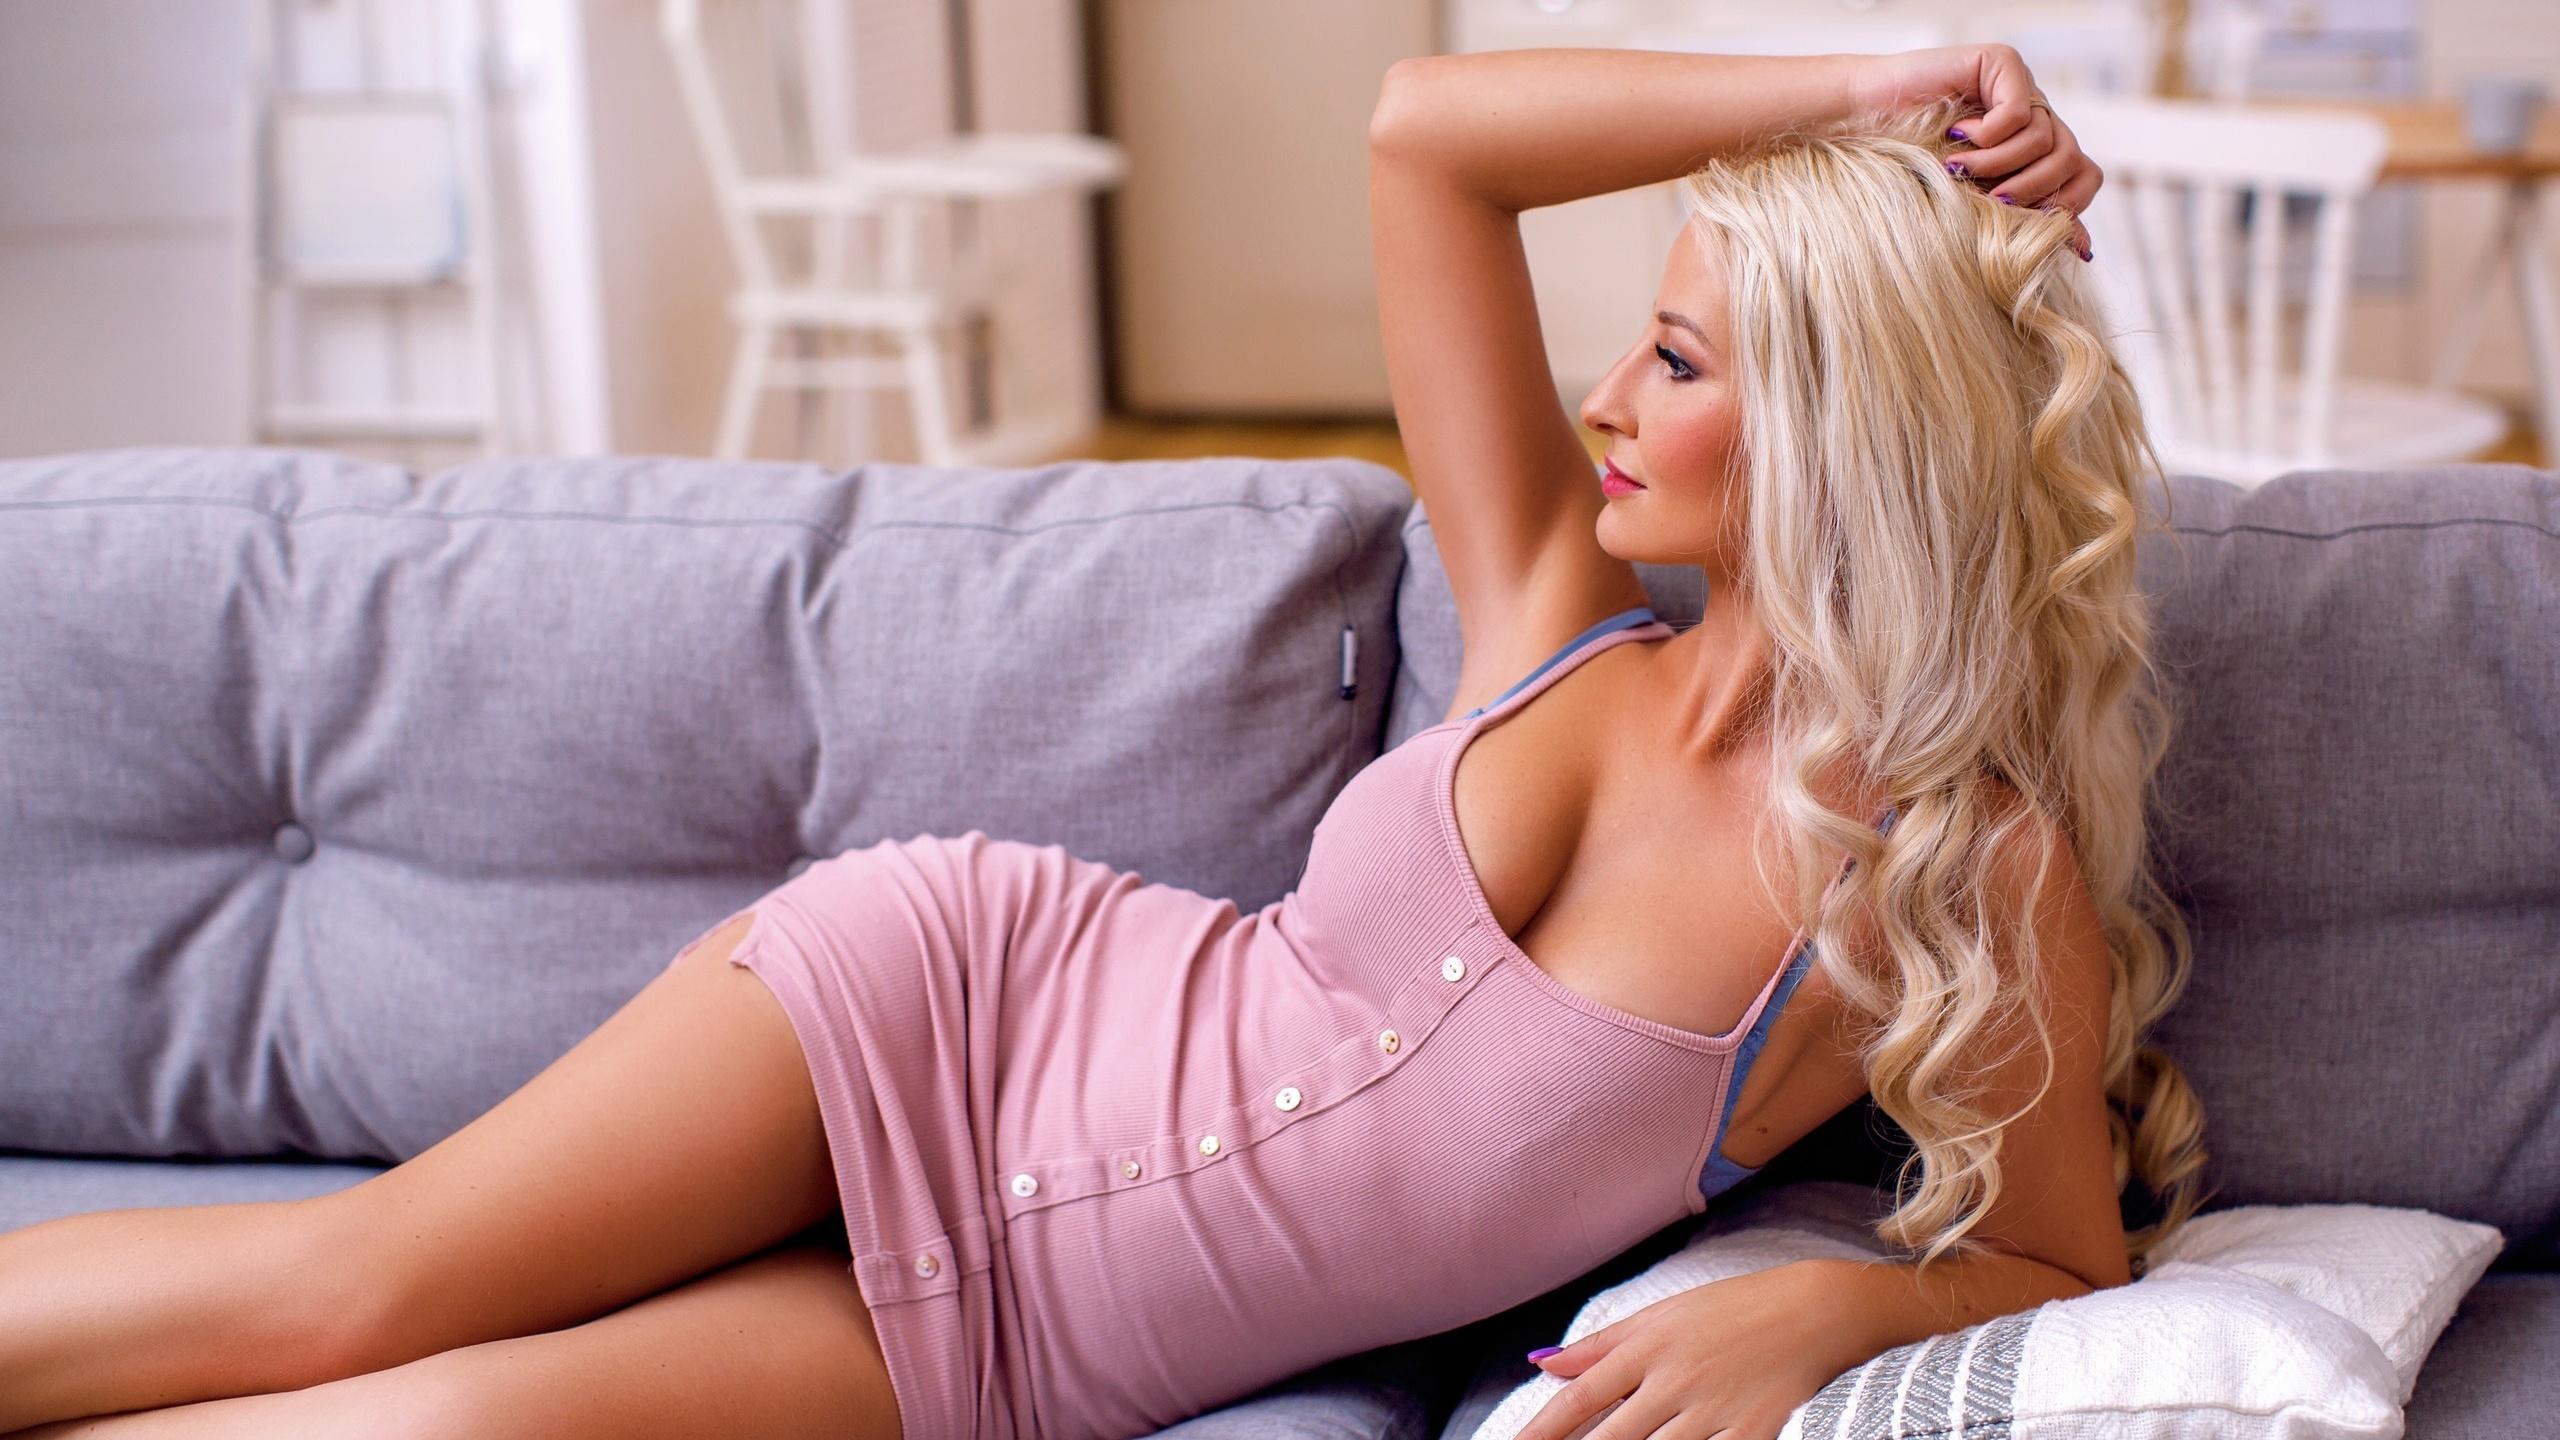 blondinka-na-divane-krupnim-planom